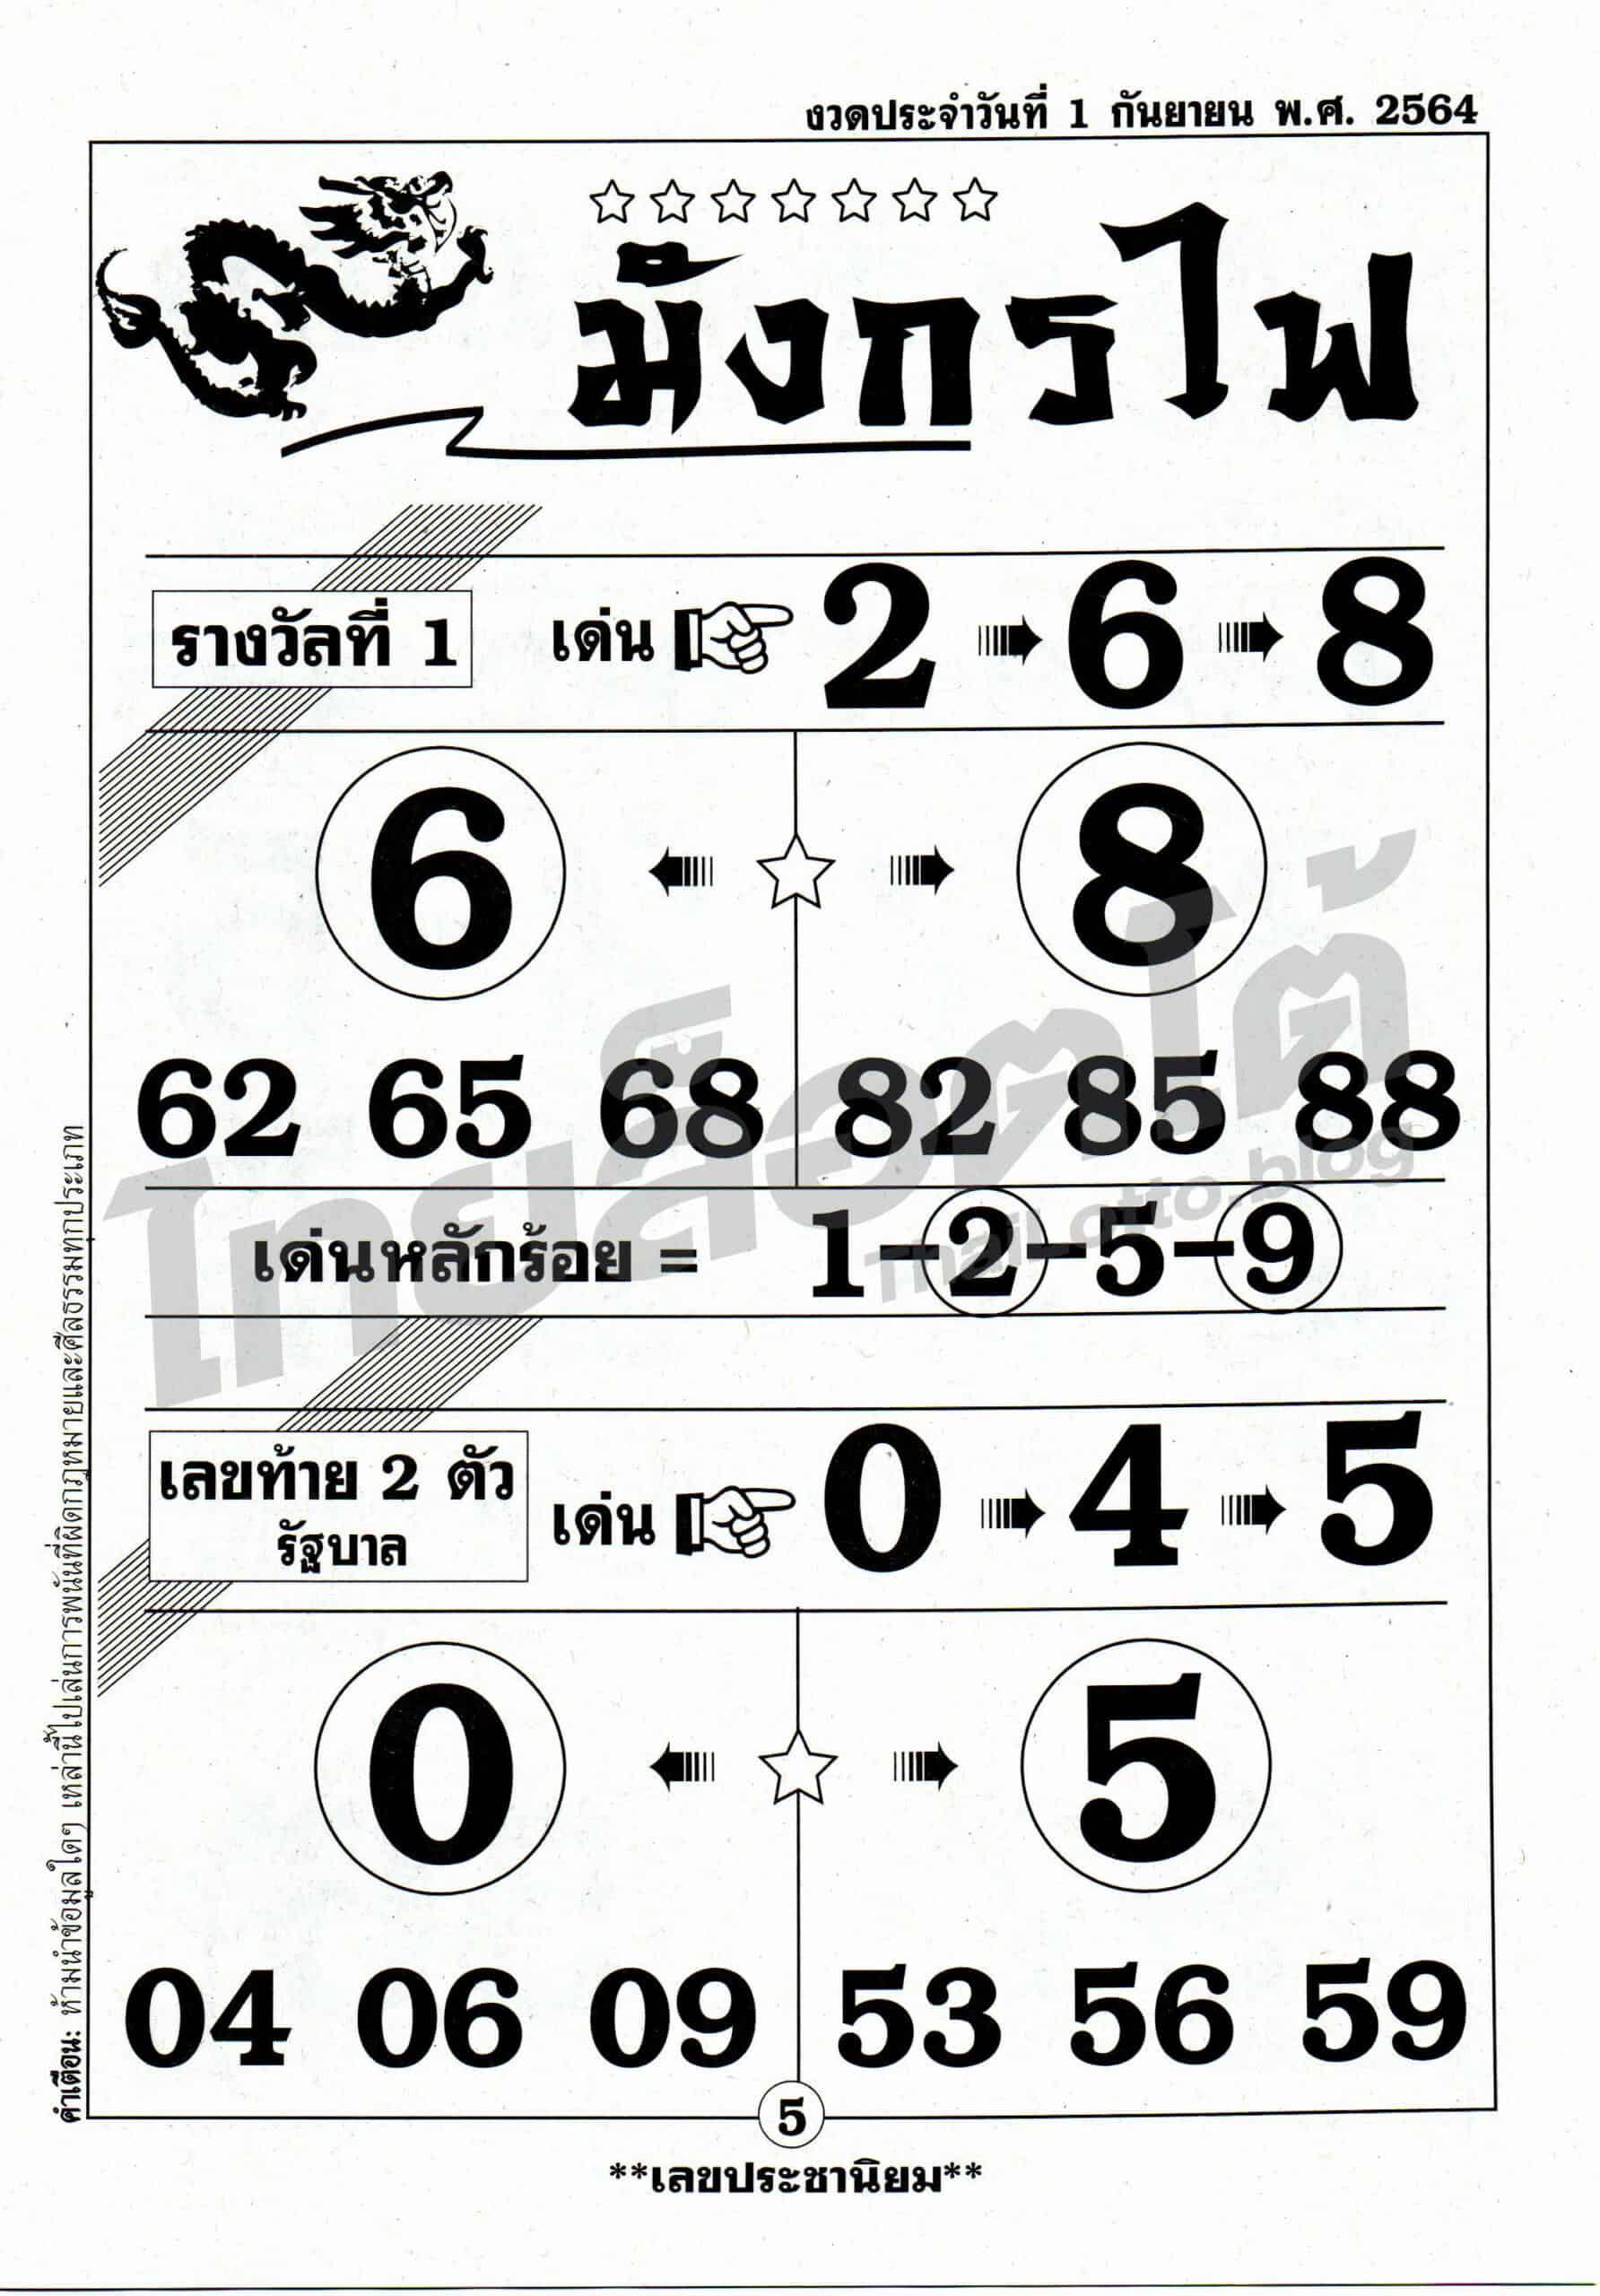 หวยซอง หวยมังกรไฟ-010964